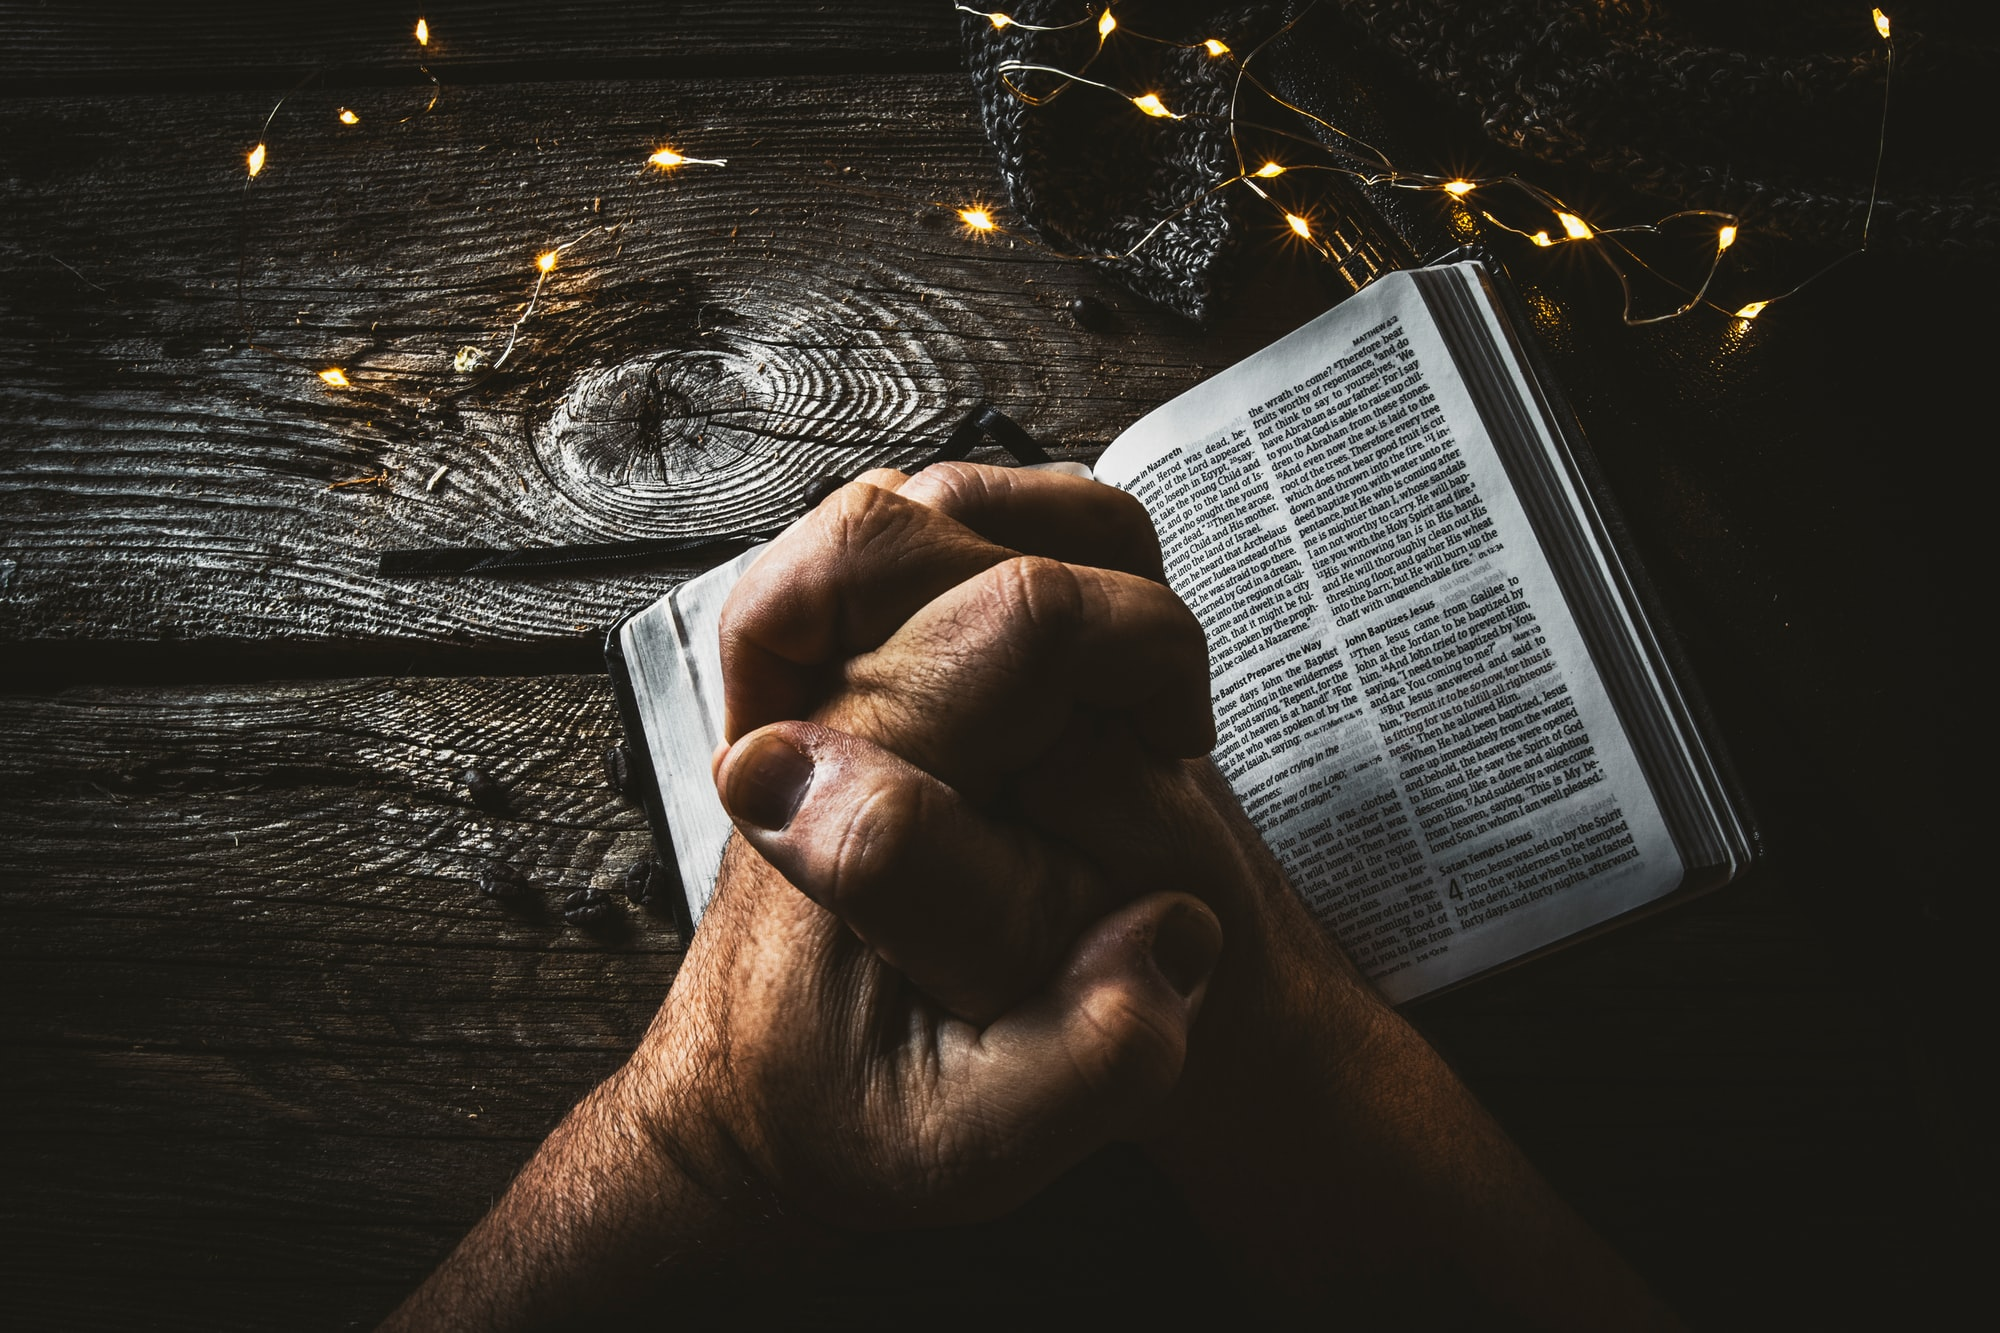 Pesquisa aponta que a maioria dos brasileiros passou a fazer mais orações durante o isolamento social